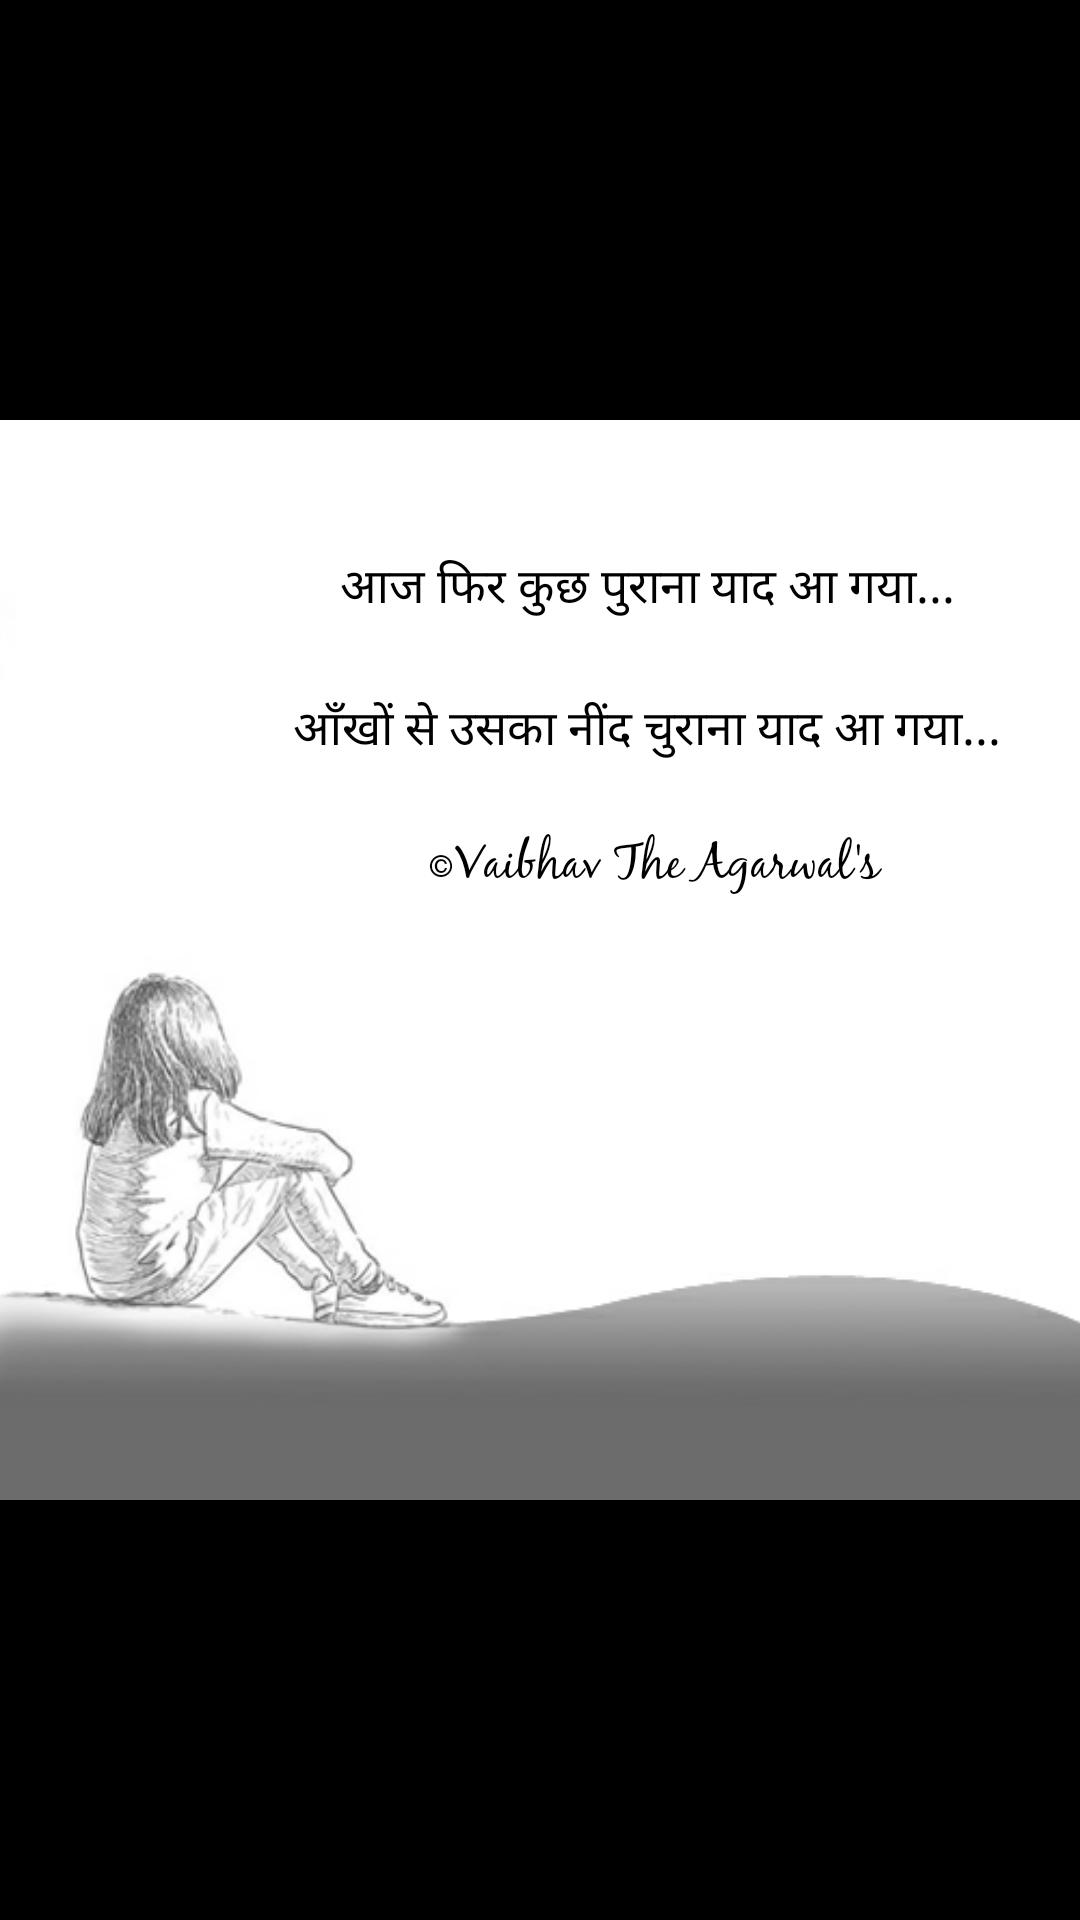 आज फिर कुछ पुराना याद आ गया...   आँखों से उसका नींद चुराना याद आ गया...   ©Vaibhav The Agarwal's